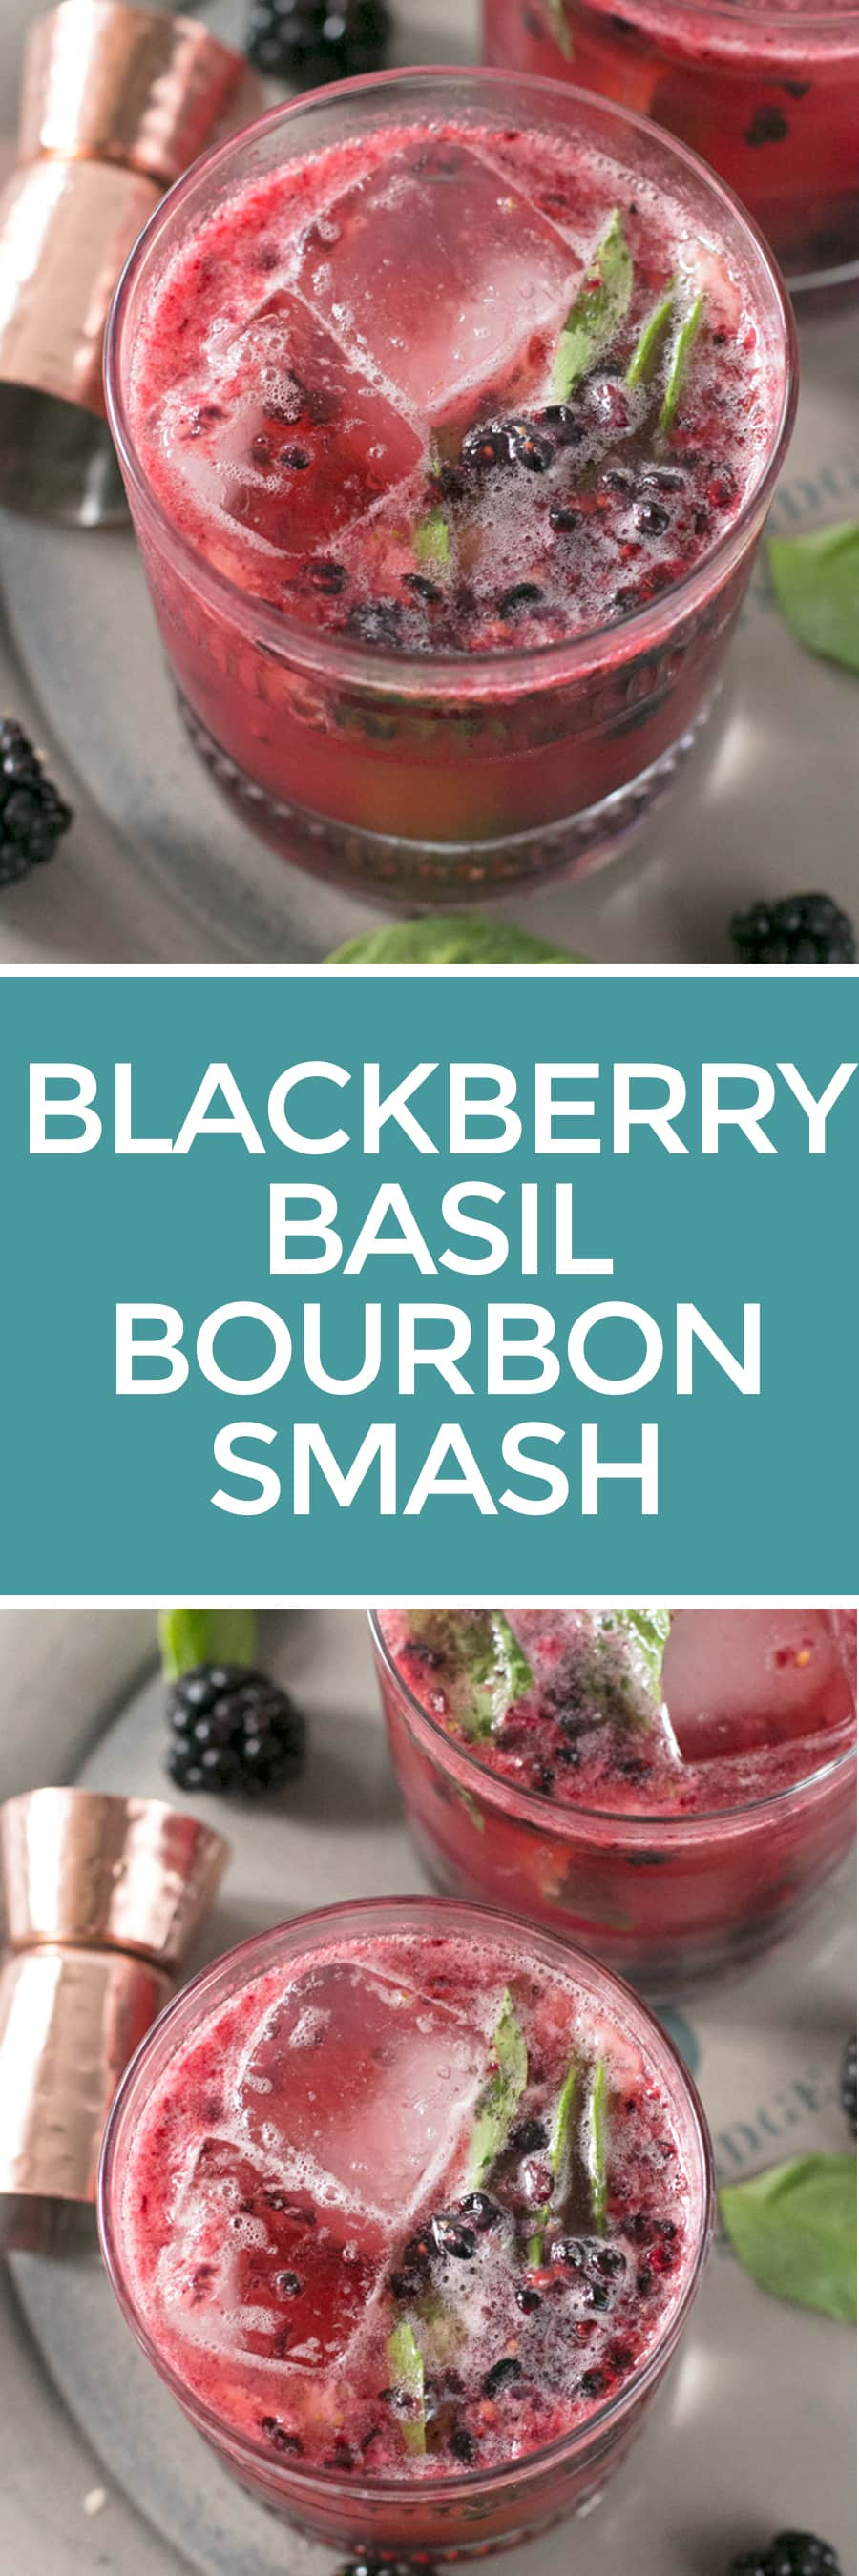 Blackberry Bourbon Basil Smash | cakenknife.com